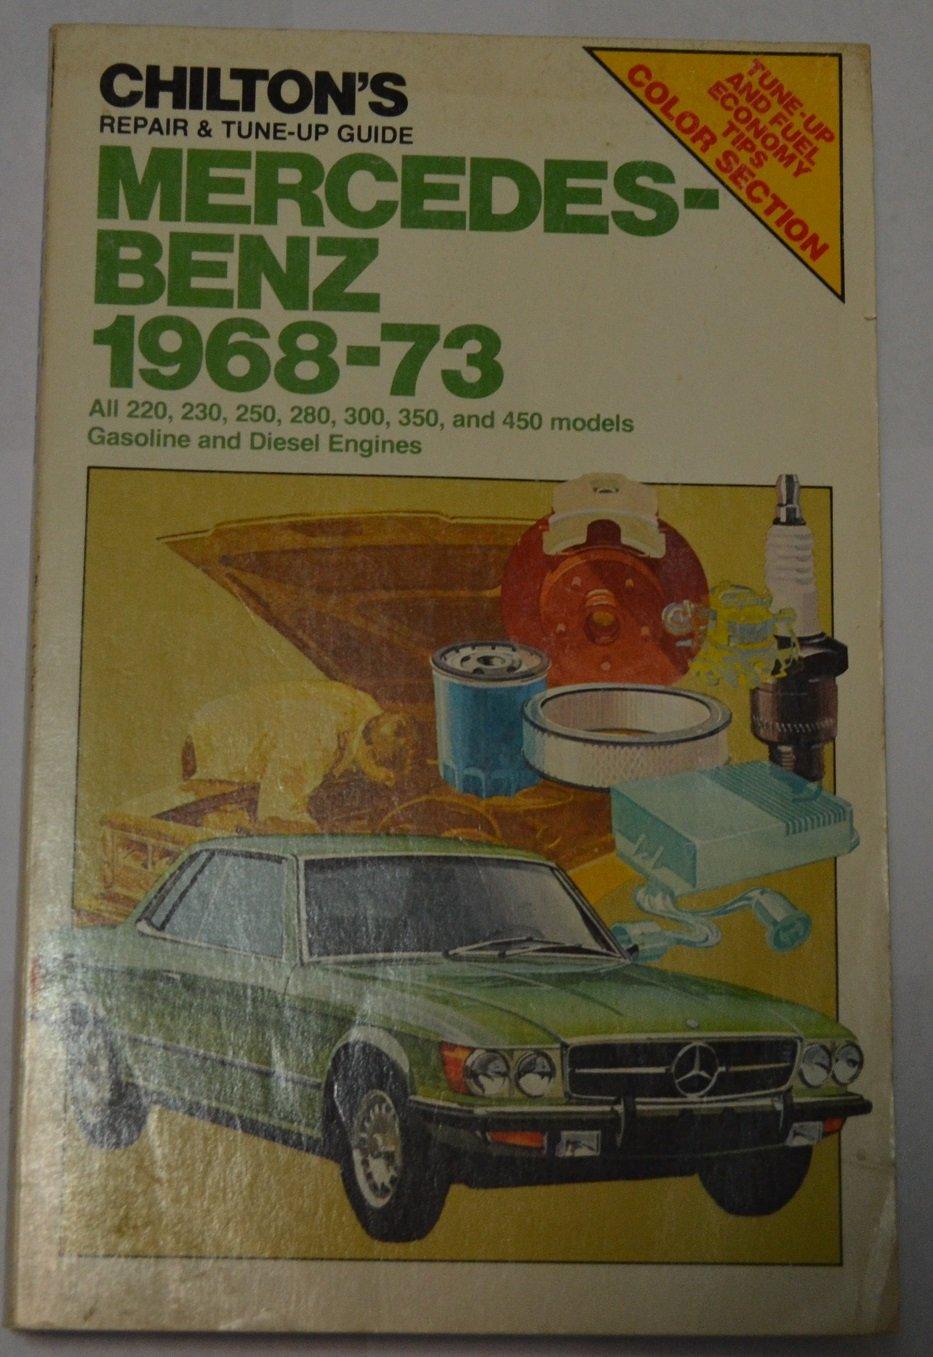 Chilton's Repair and Tune-Up Guide: Mercedes-Benz 1968-73 (Chilton's Repair  & Tune-Up Guides): Chilton Book Company: 9780801959073: Amazon.com: Books